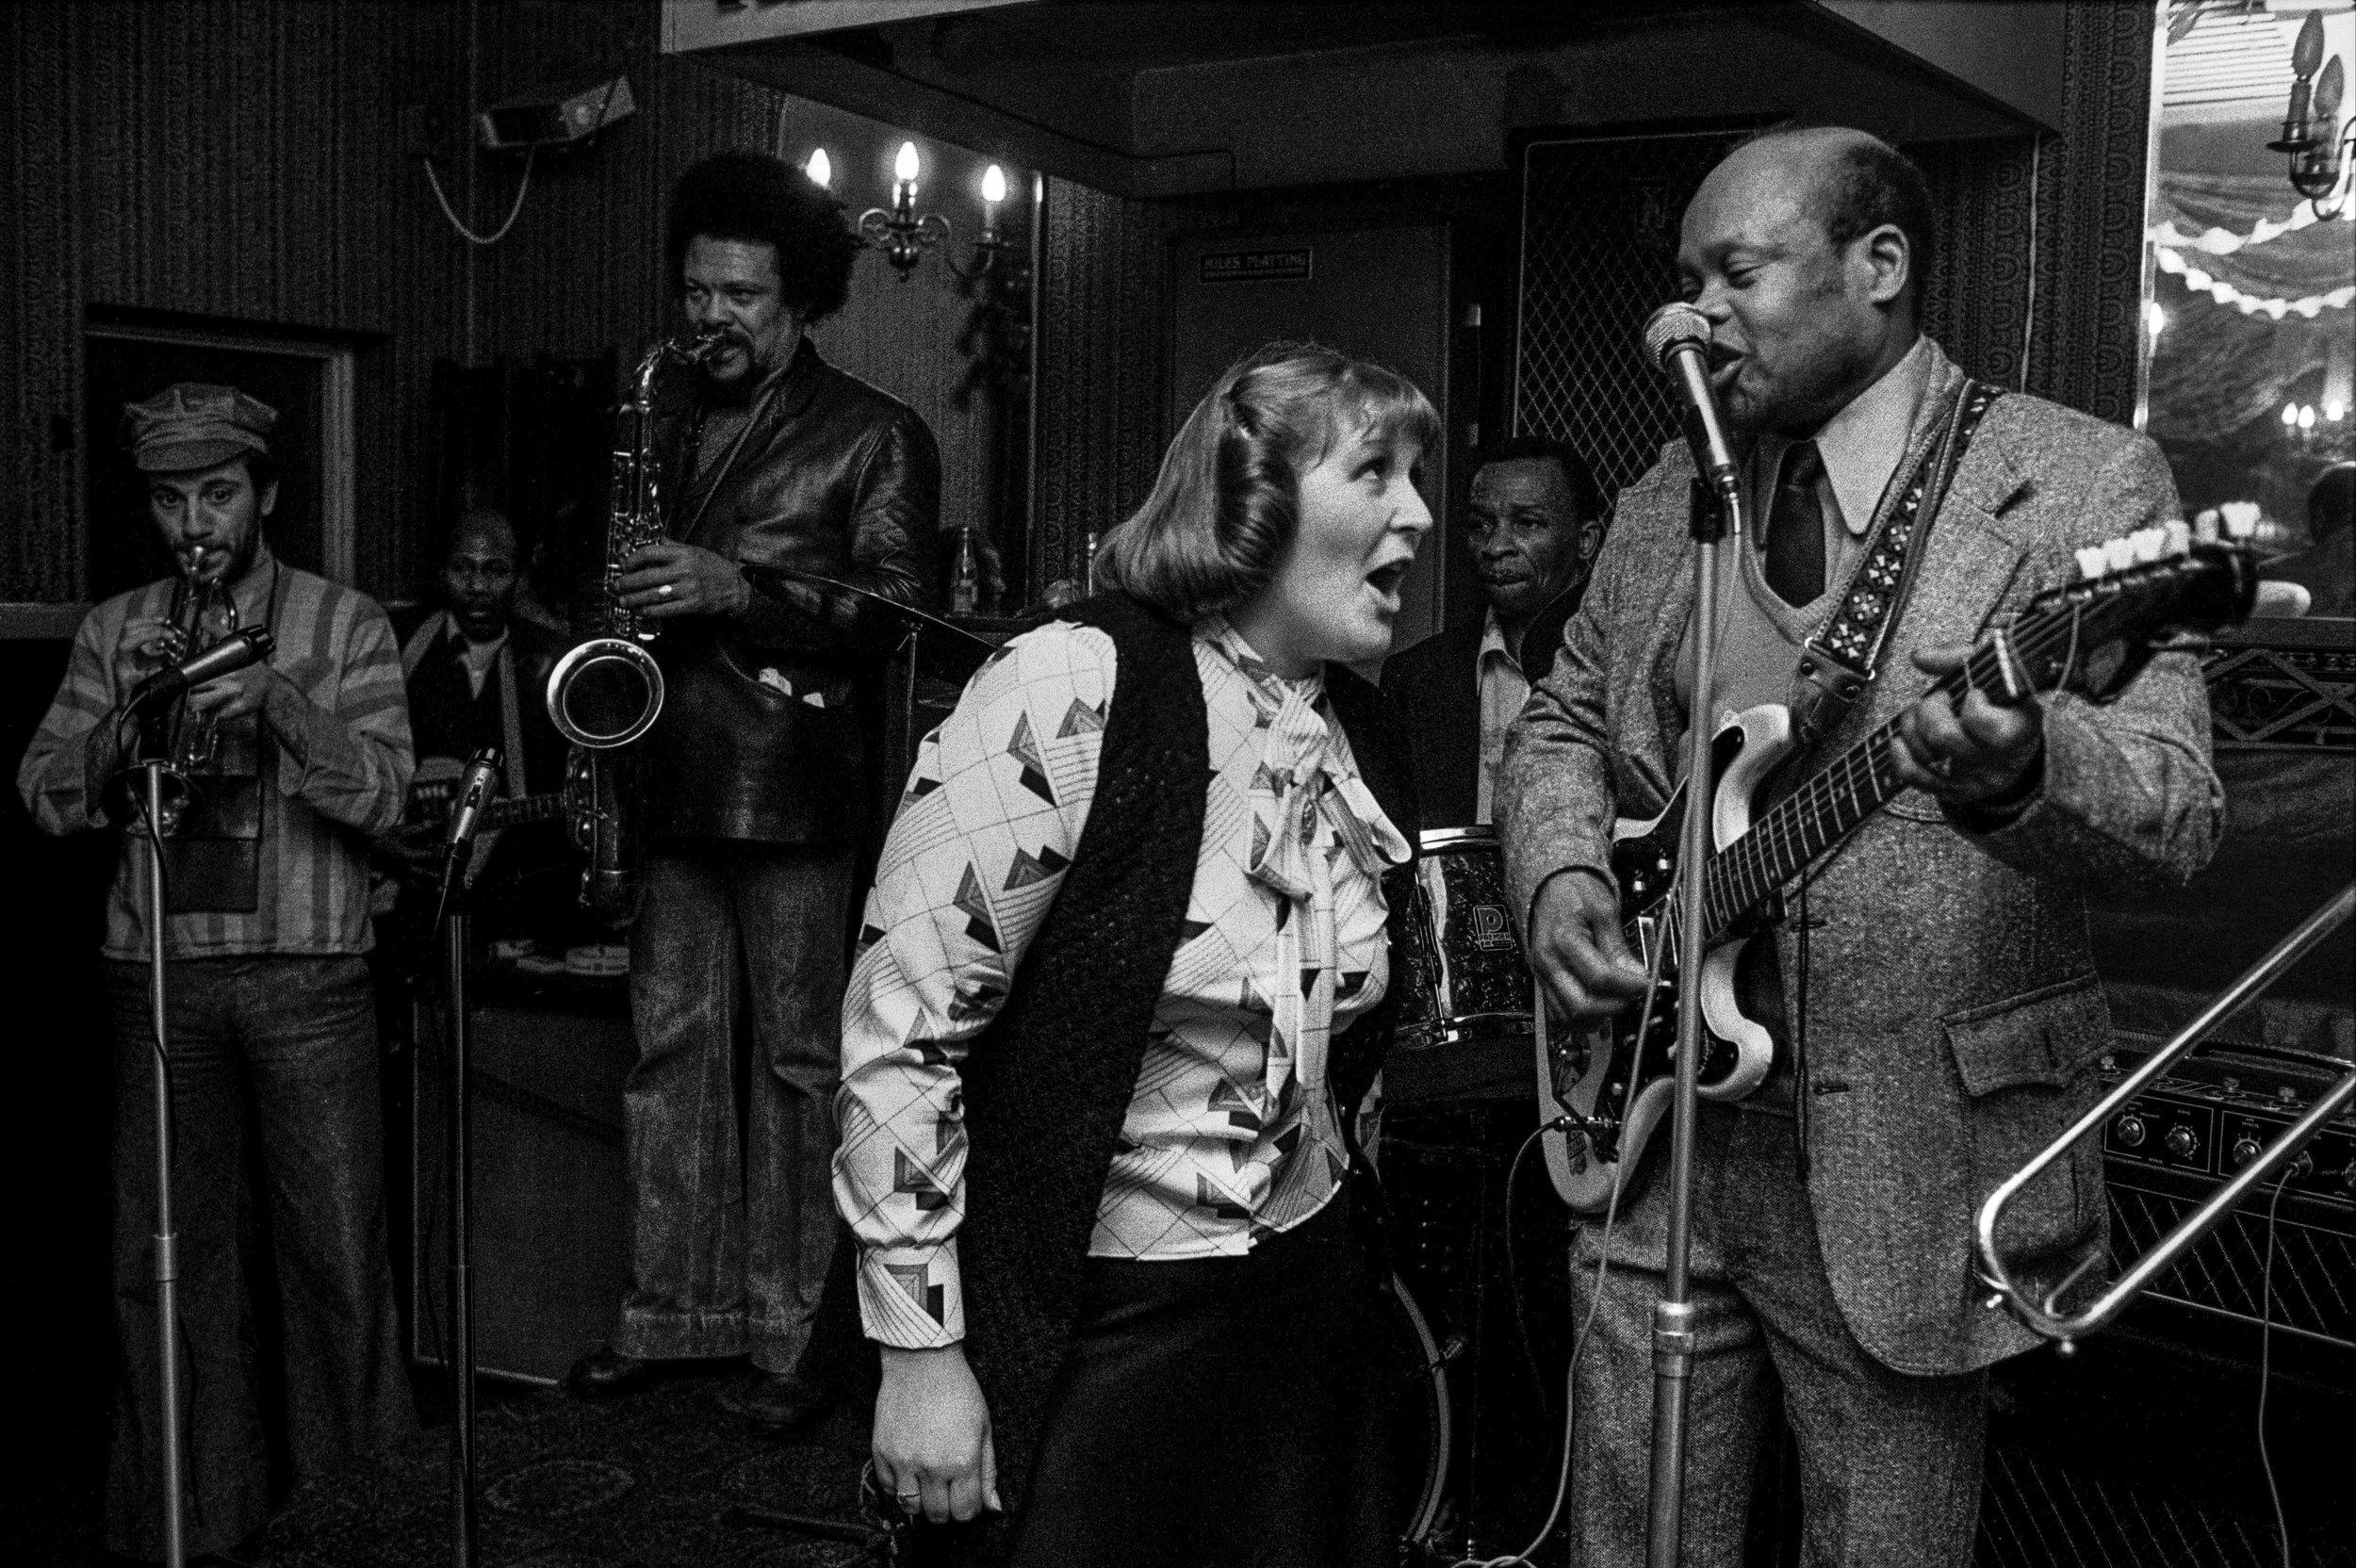 Coach and Horses Pub, 1975